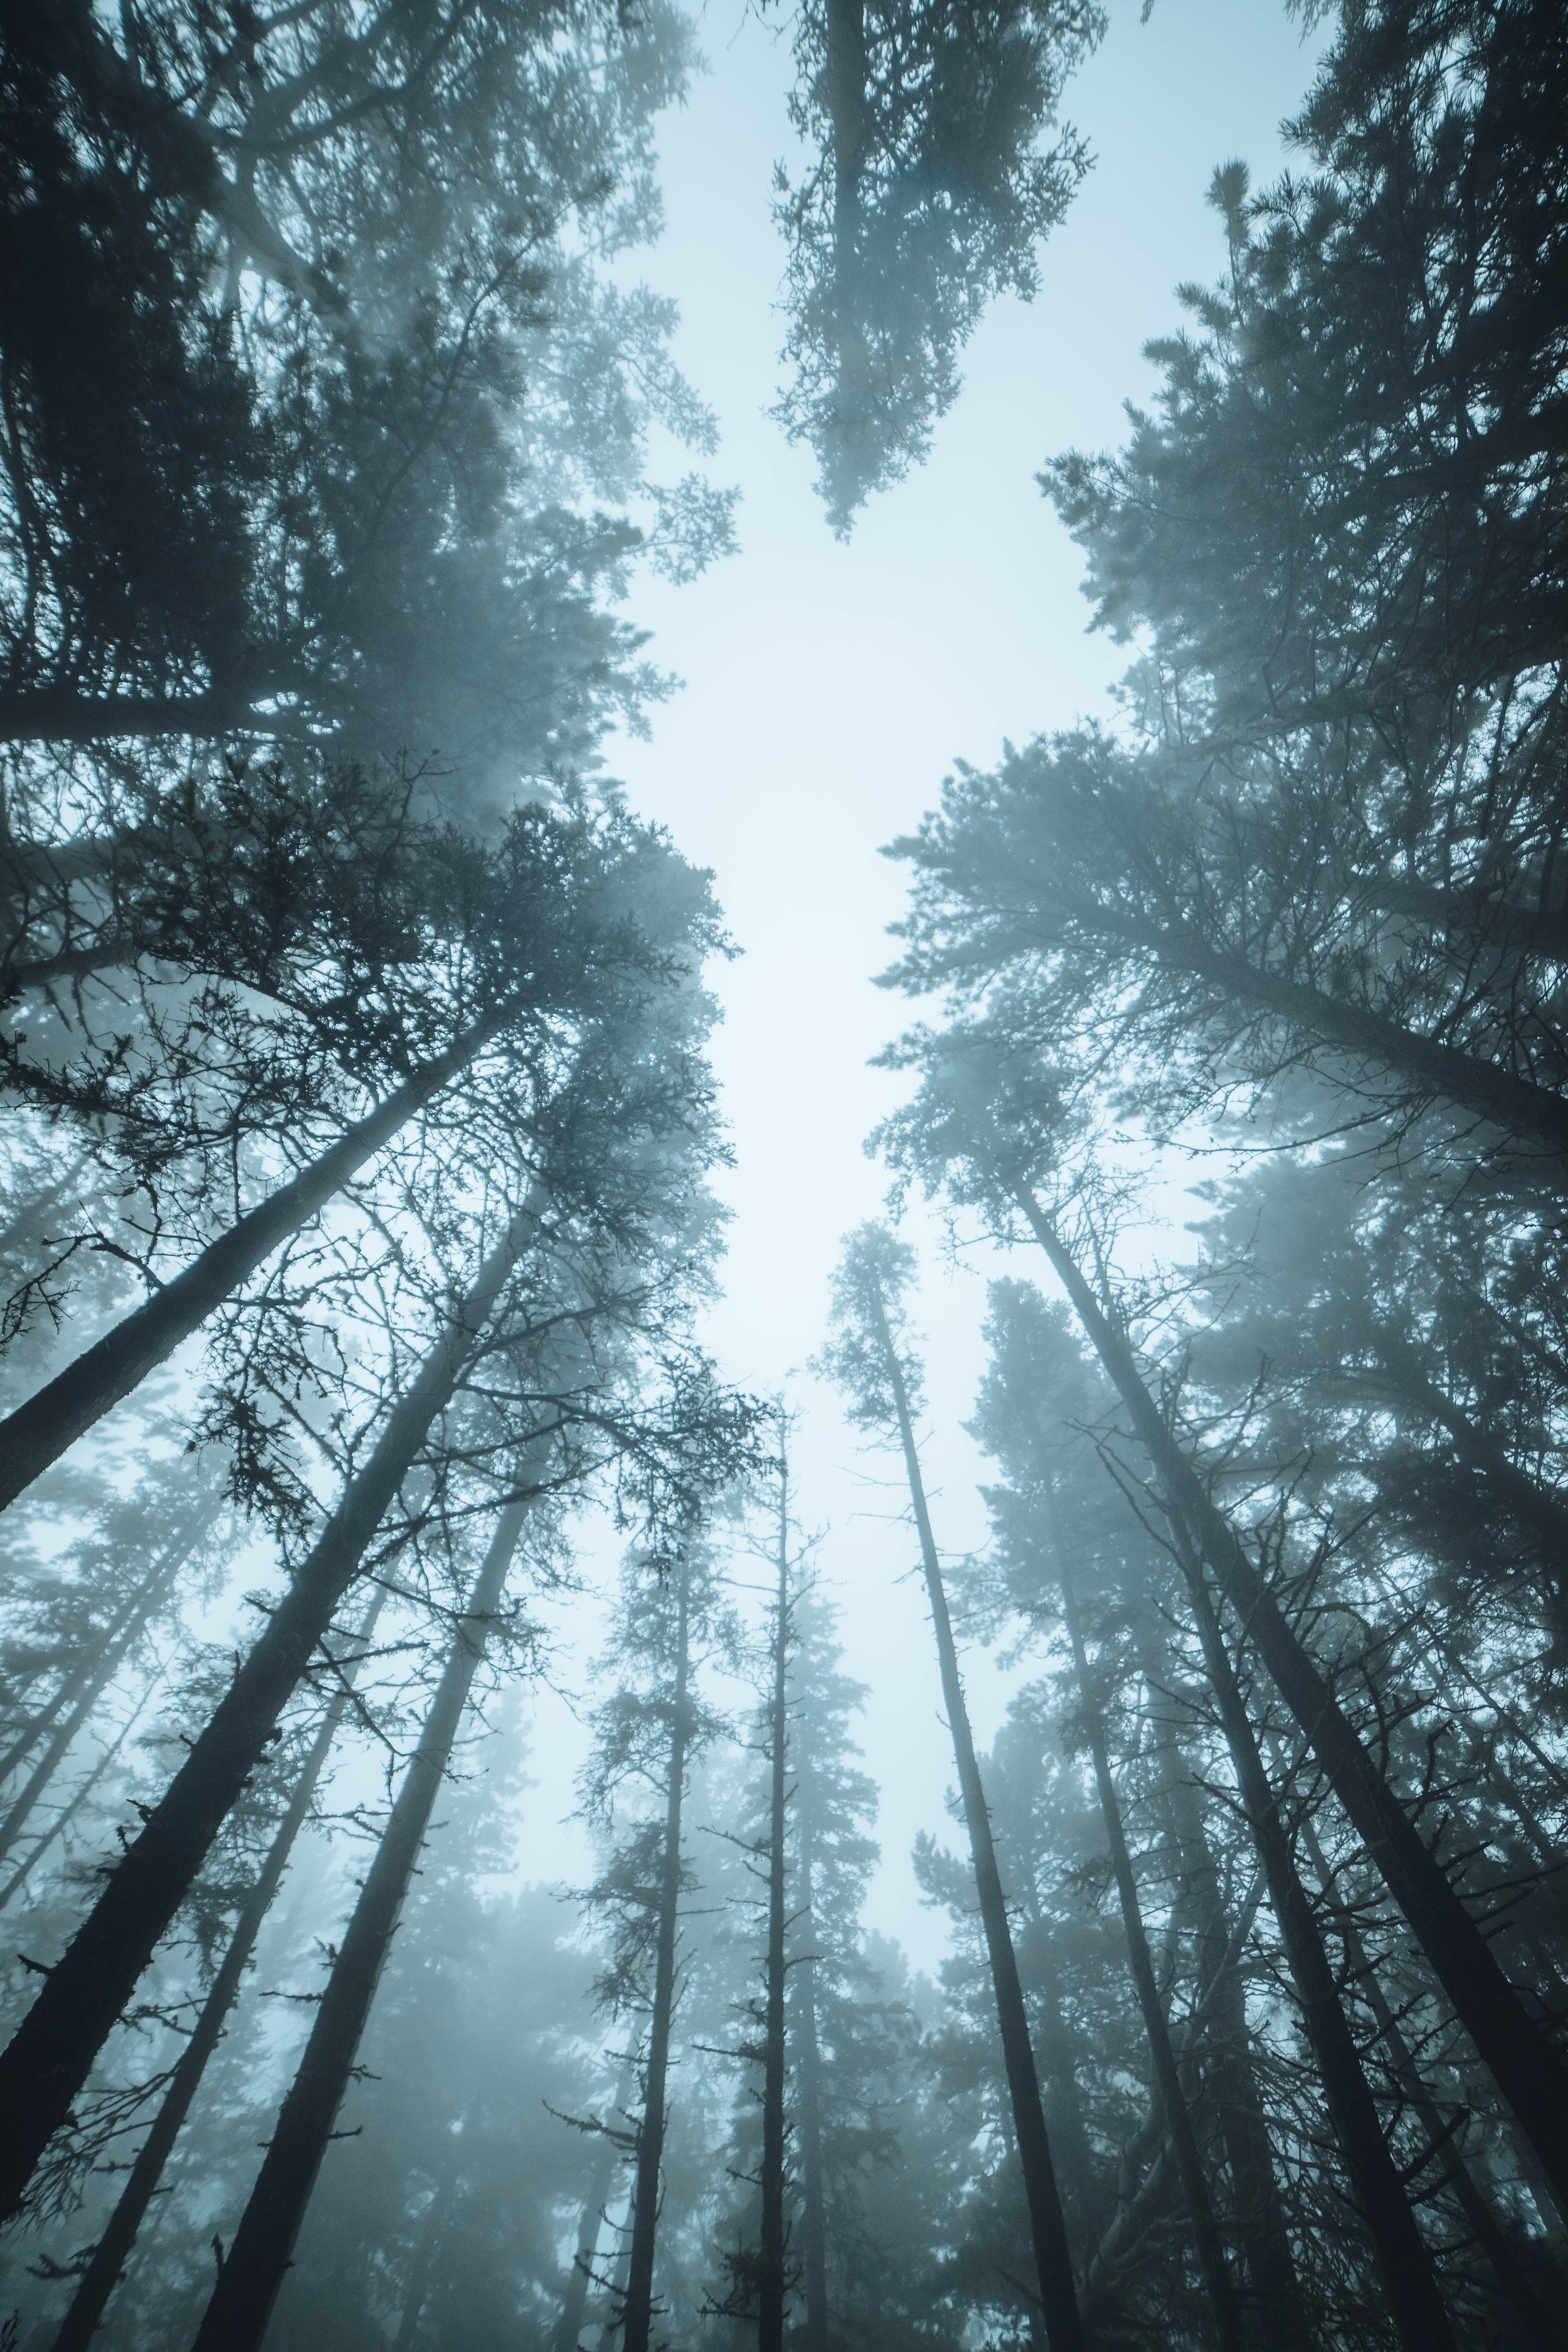 86004 скачать обои Природа, Лес, Деревья, Туман, Верхушки, Сосны - заставки и картинки бесплатно